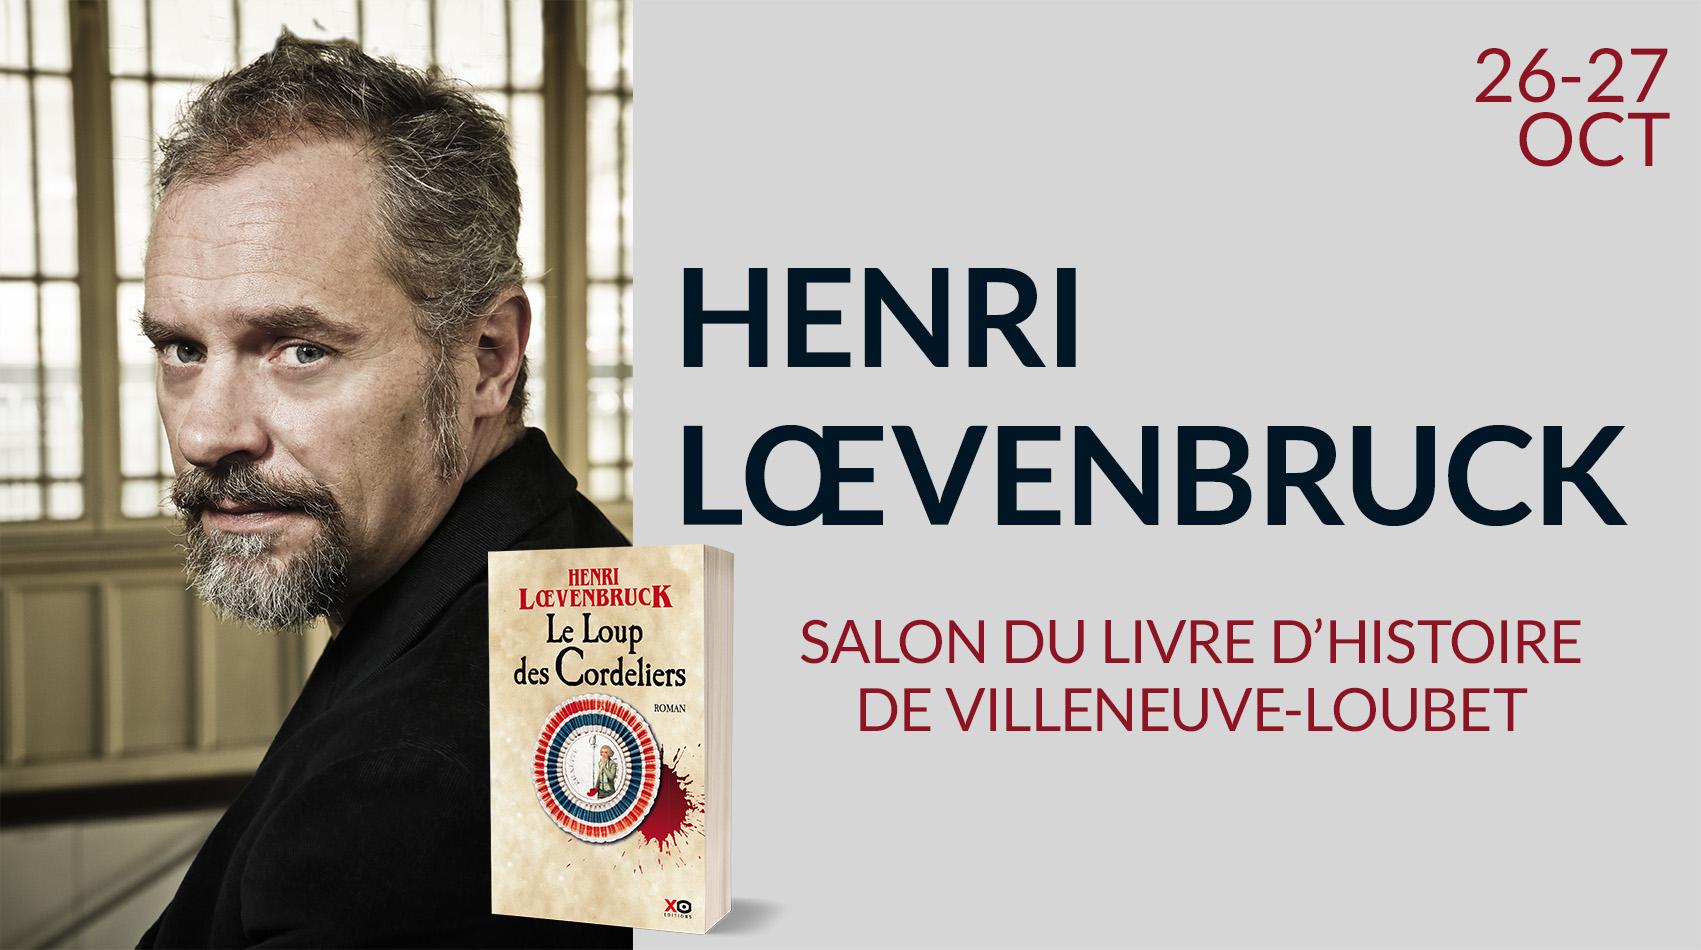 HENRI LOEVENBRUCK À VILLENEUVE-LOUBET